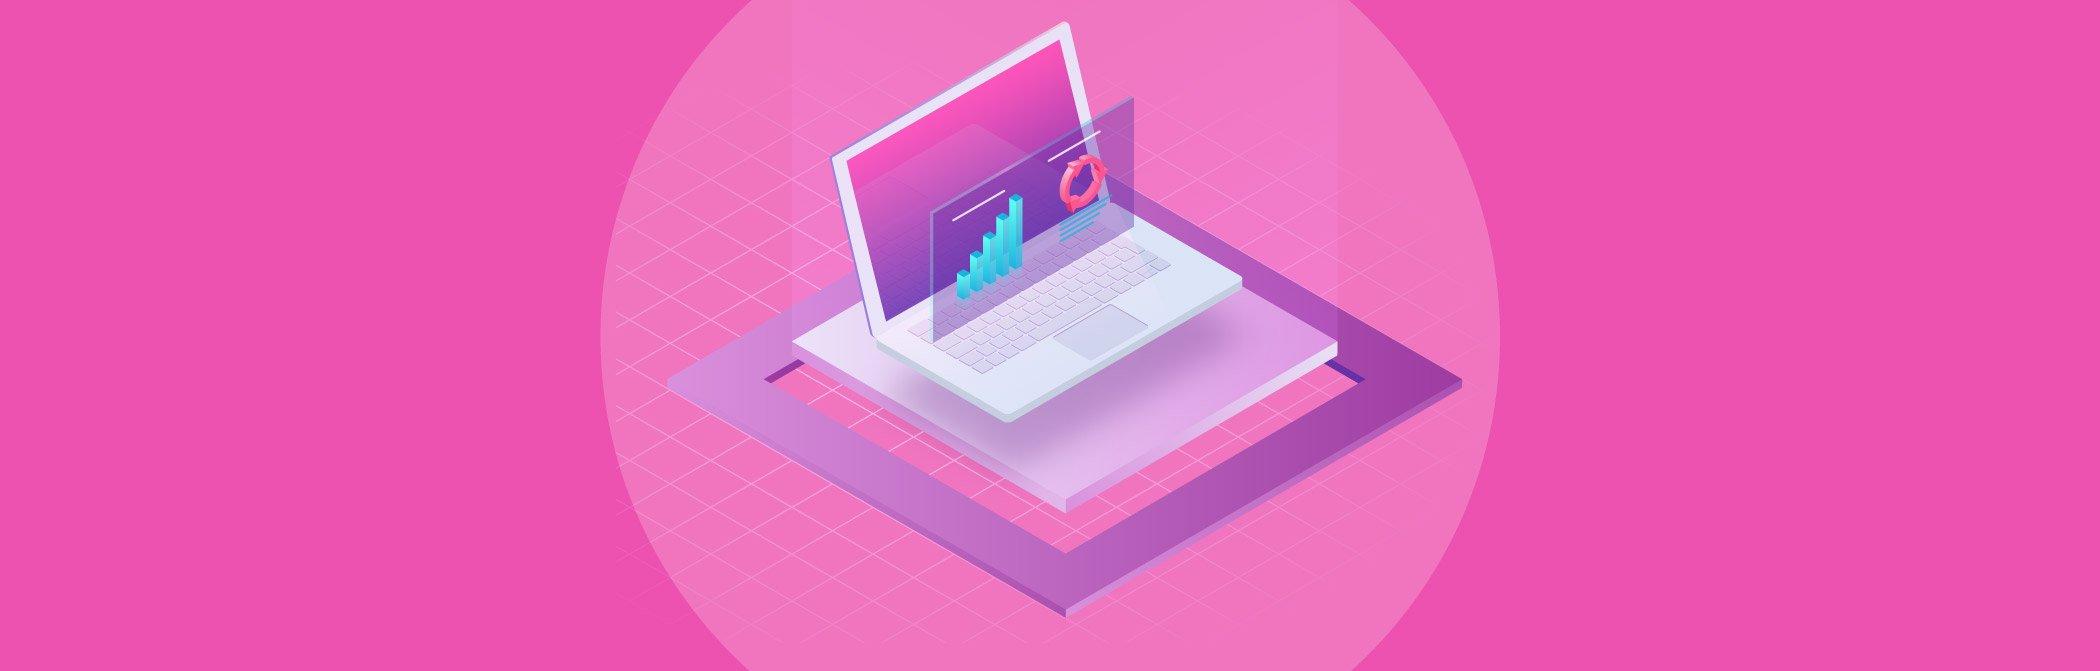 SaaS Reporting Guide: Cohort Analysis, Sales Metrics, CAC & More